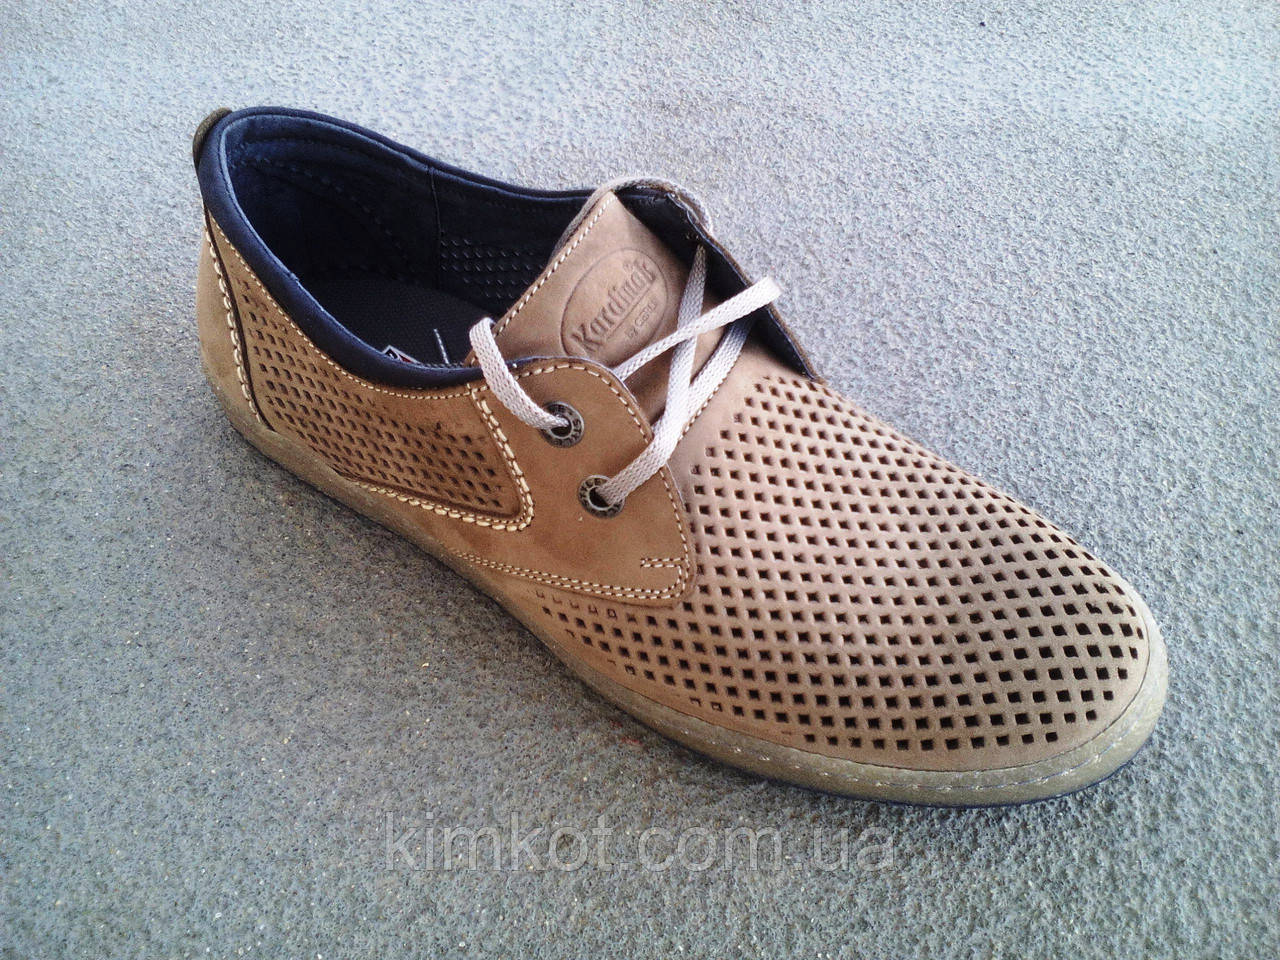 d79e07245 Туфли мужские кожаные летние KARDINAL 40 -45 р-р - Интернет-Магазин